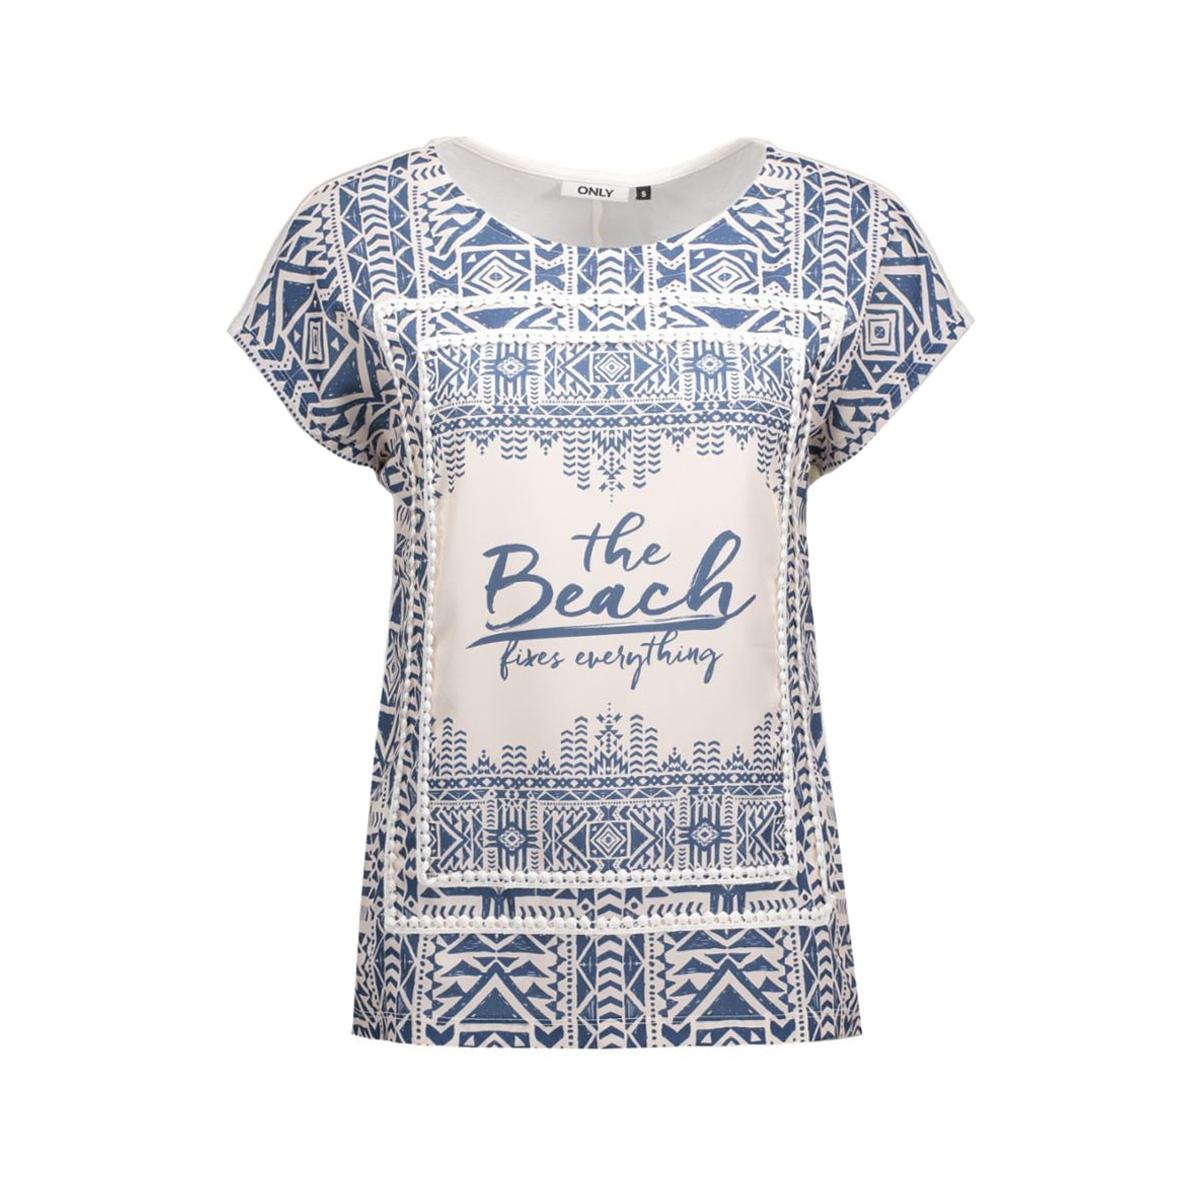 onlfree s/s top 15123454 only t-shirt cloud dancer